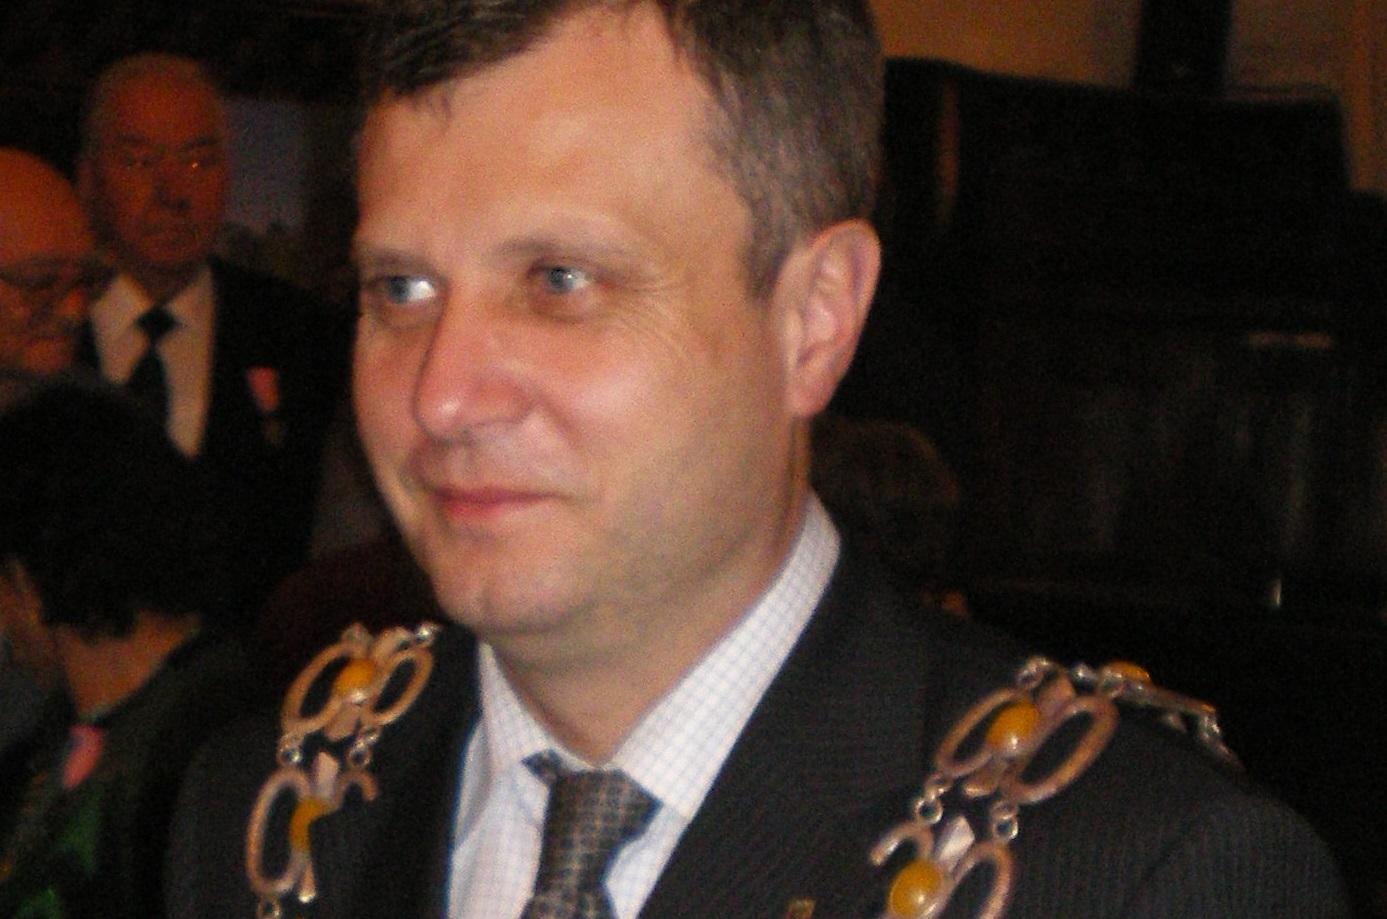 Jacek Karnowski o zarzutach dot. pedofilii w Sopocie. O sprawie robi się głośno